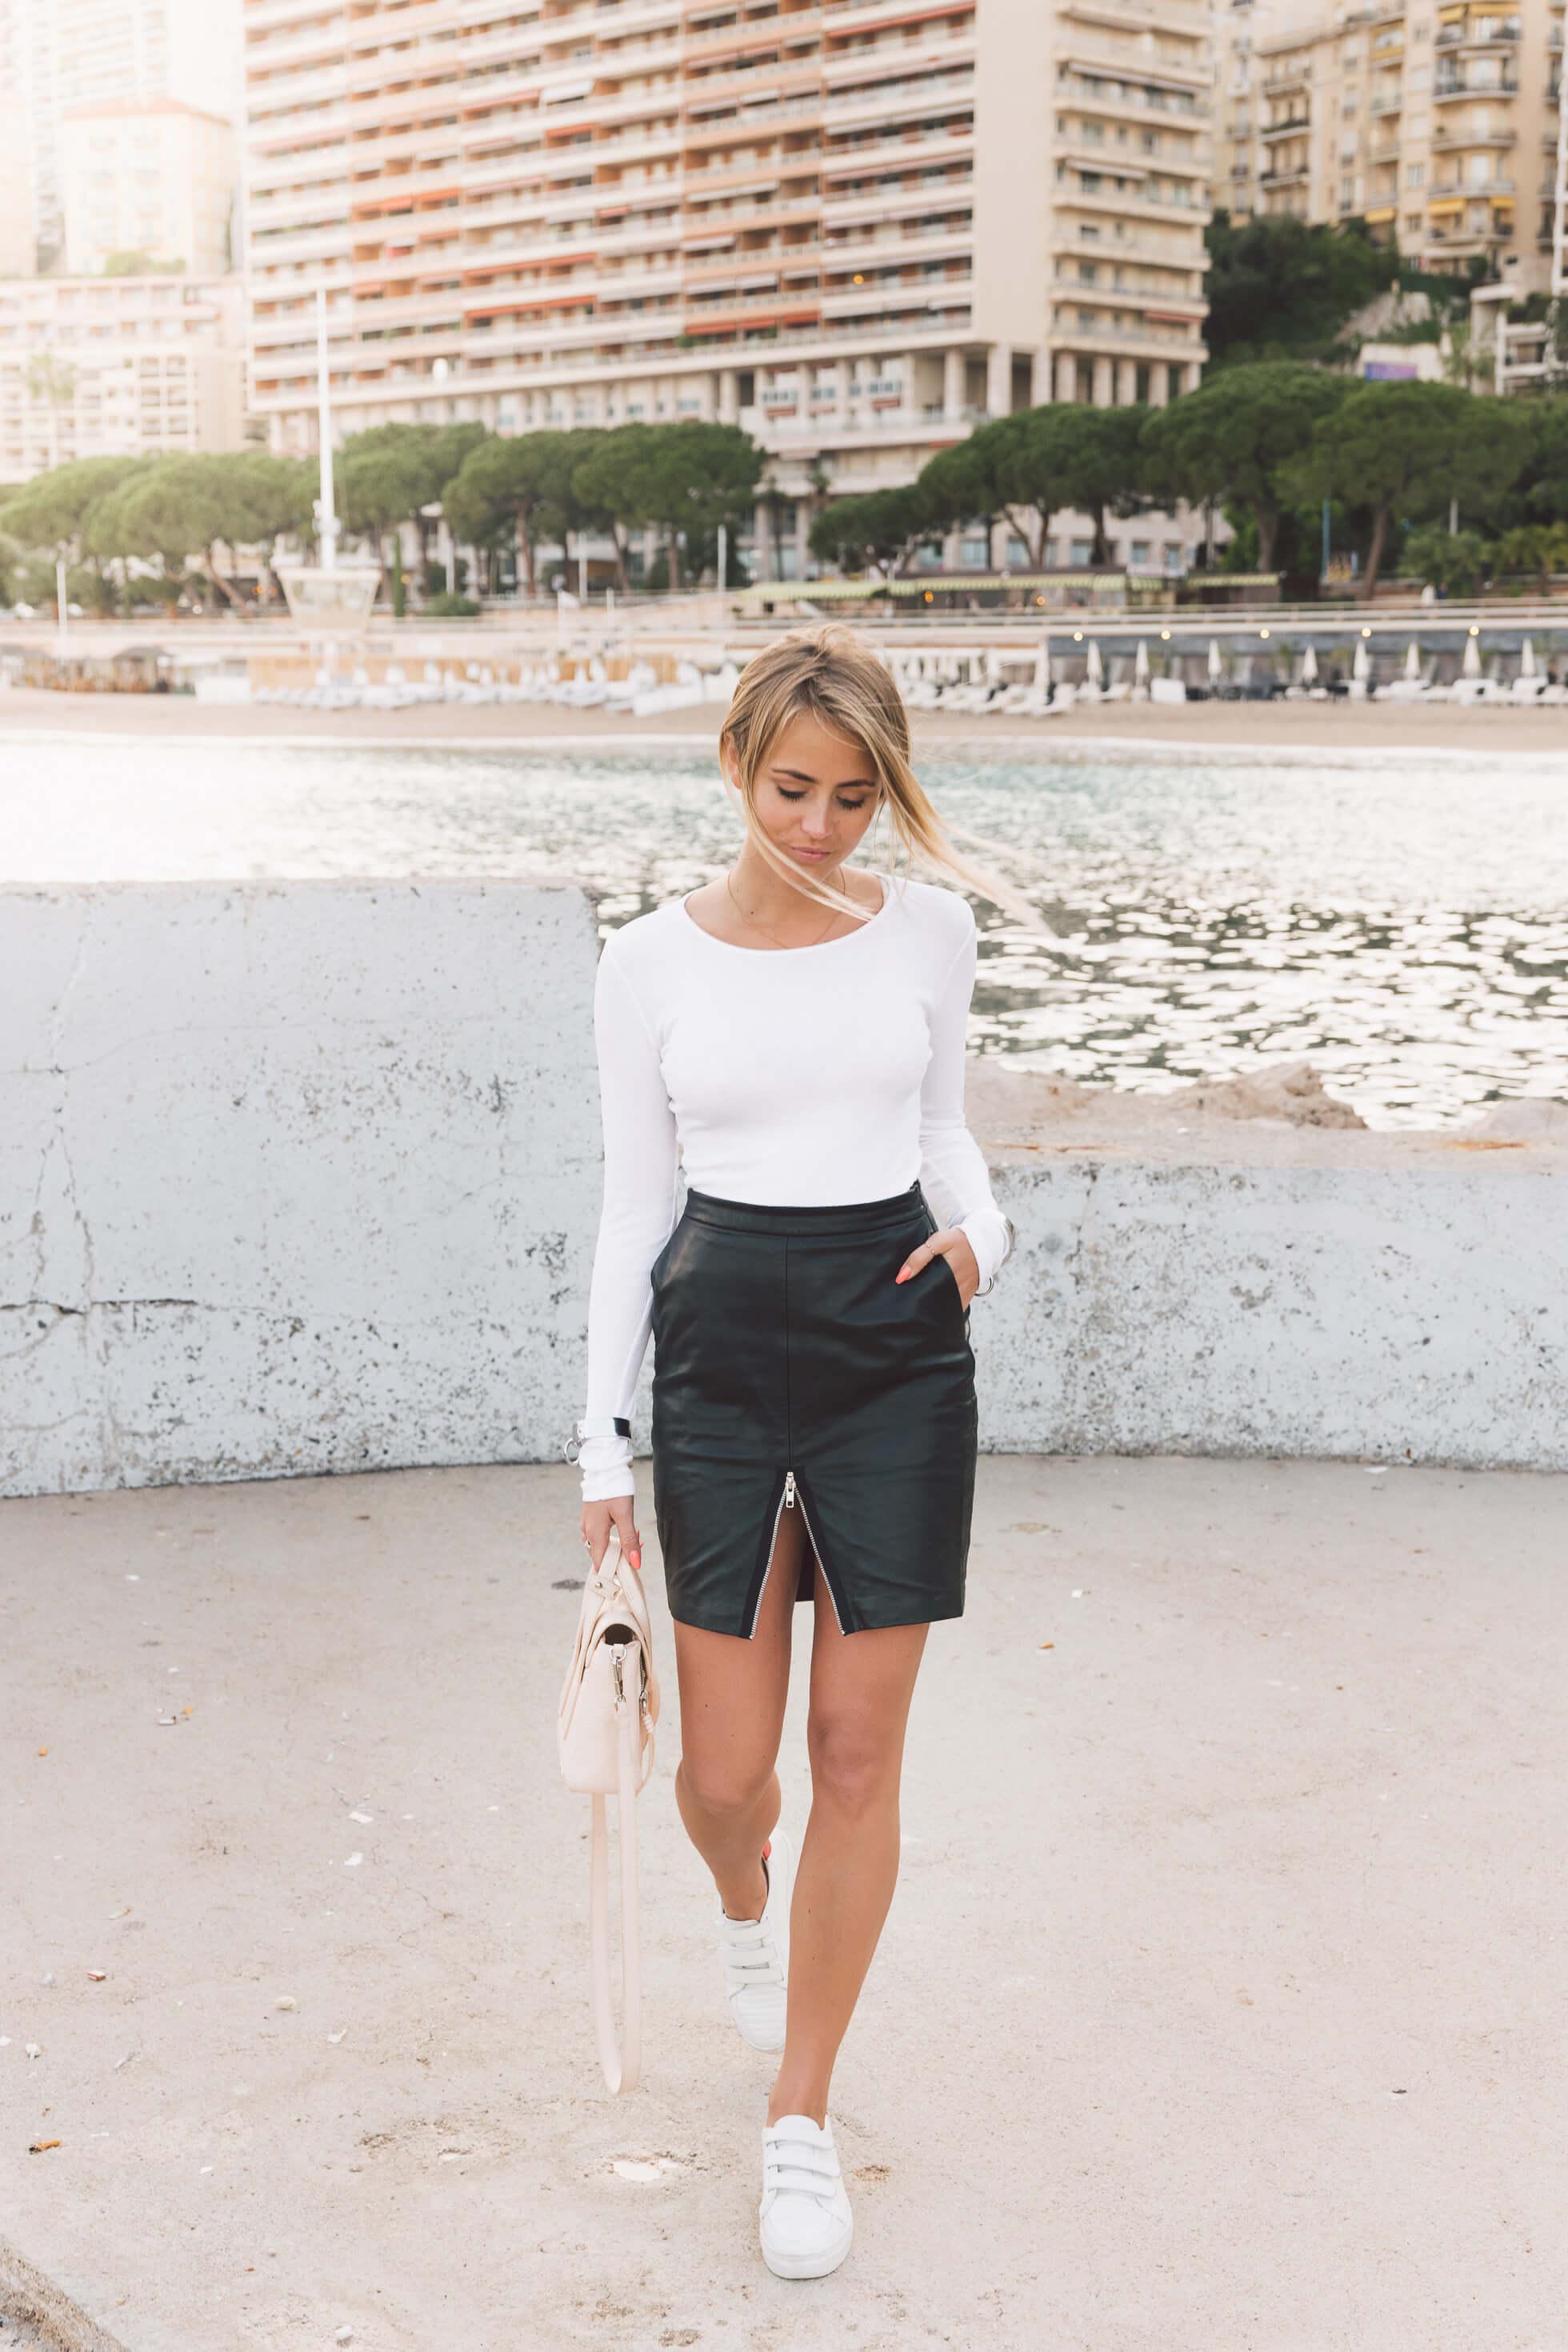 janni-deler-leather-skirt-zipperL1050296